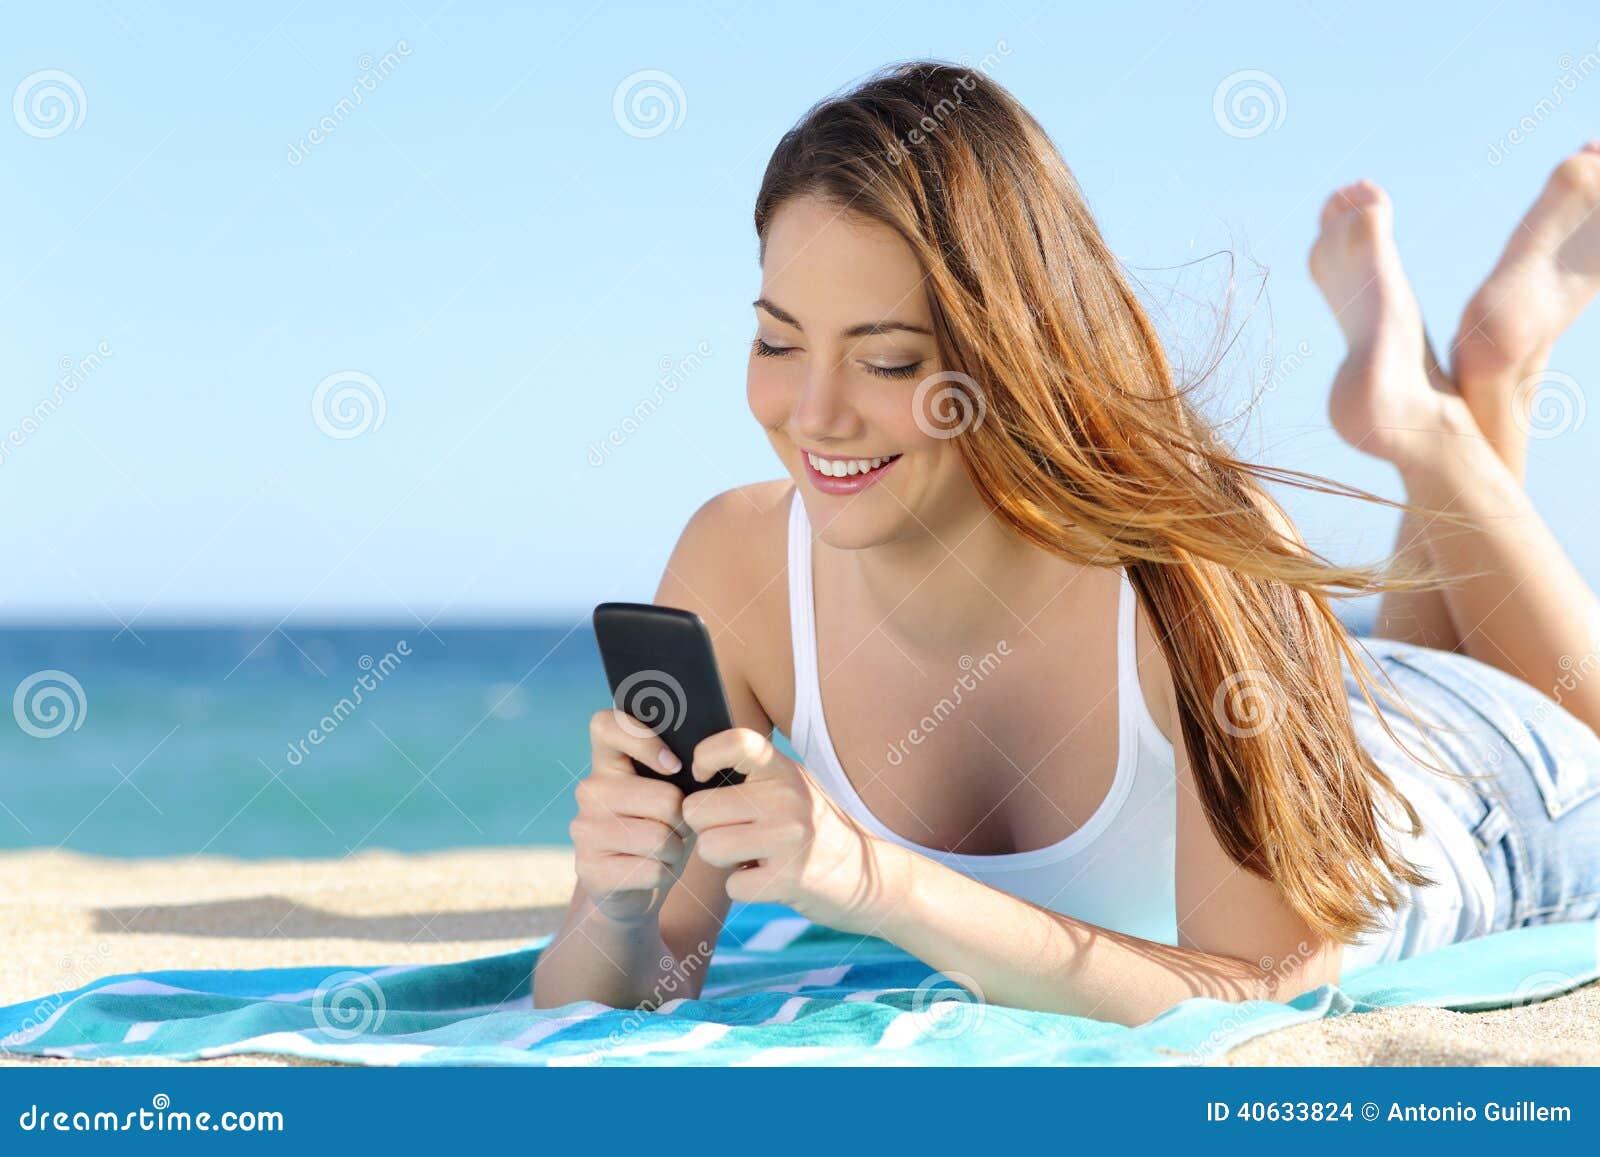 Милая девушка на пляже фото 610-107